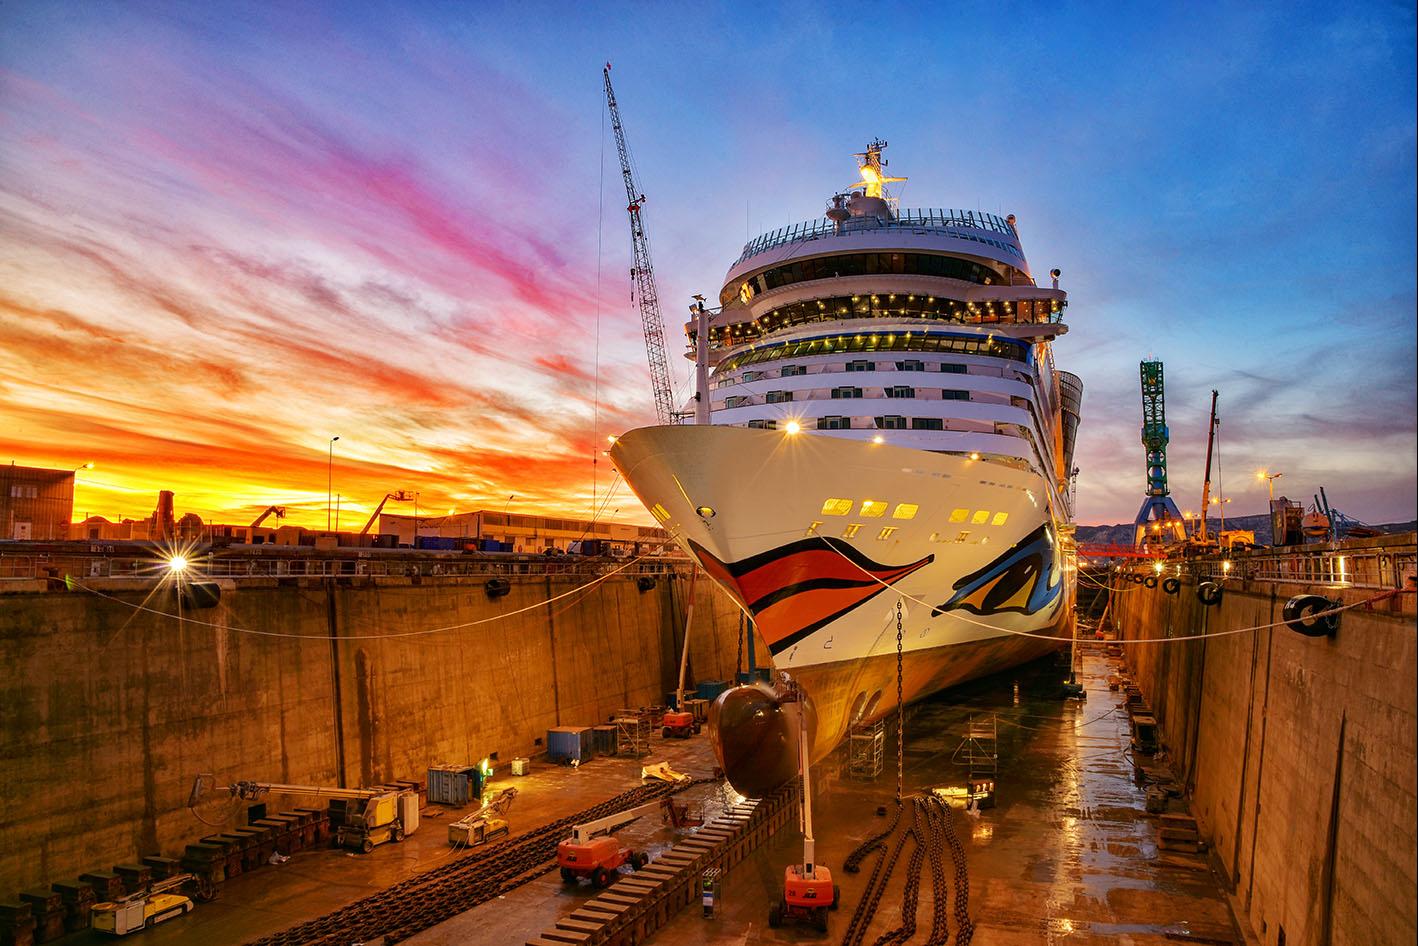 Die AIDAsol wurde in Marseille komplett renoviert: An Bord fanden sowohl zahlreiche optische Neuerungen als auch technische Updates statt